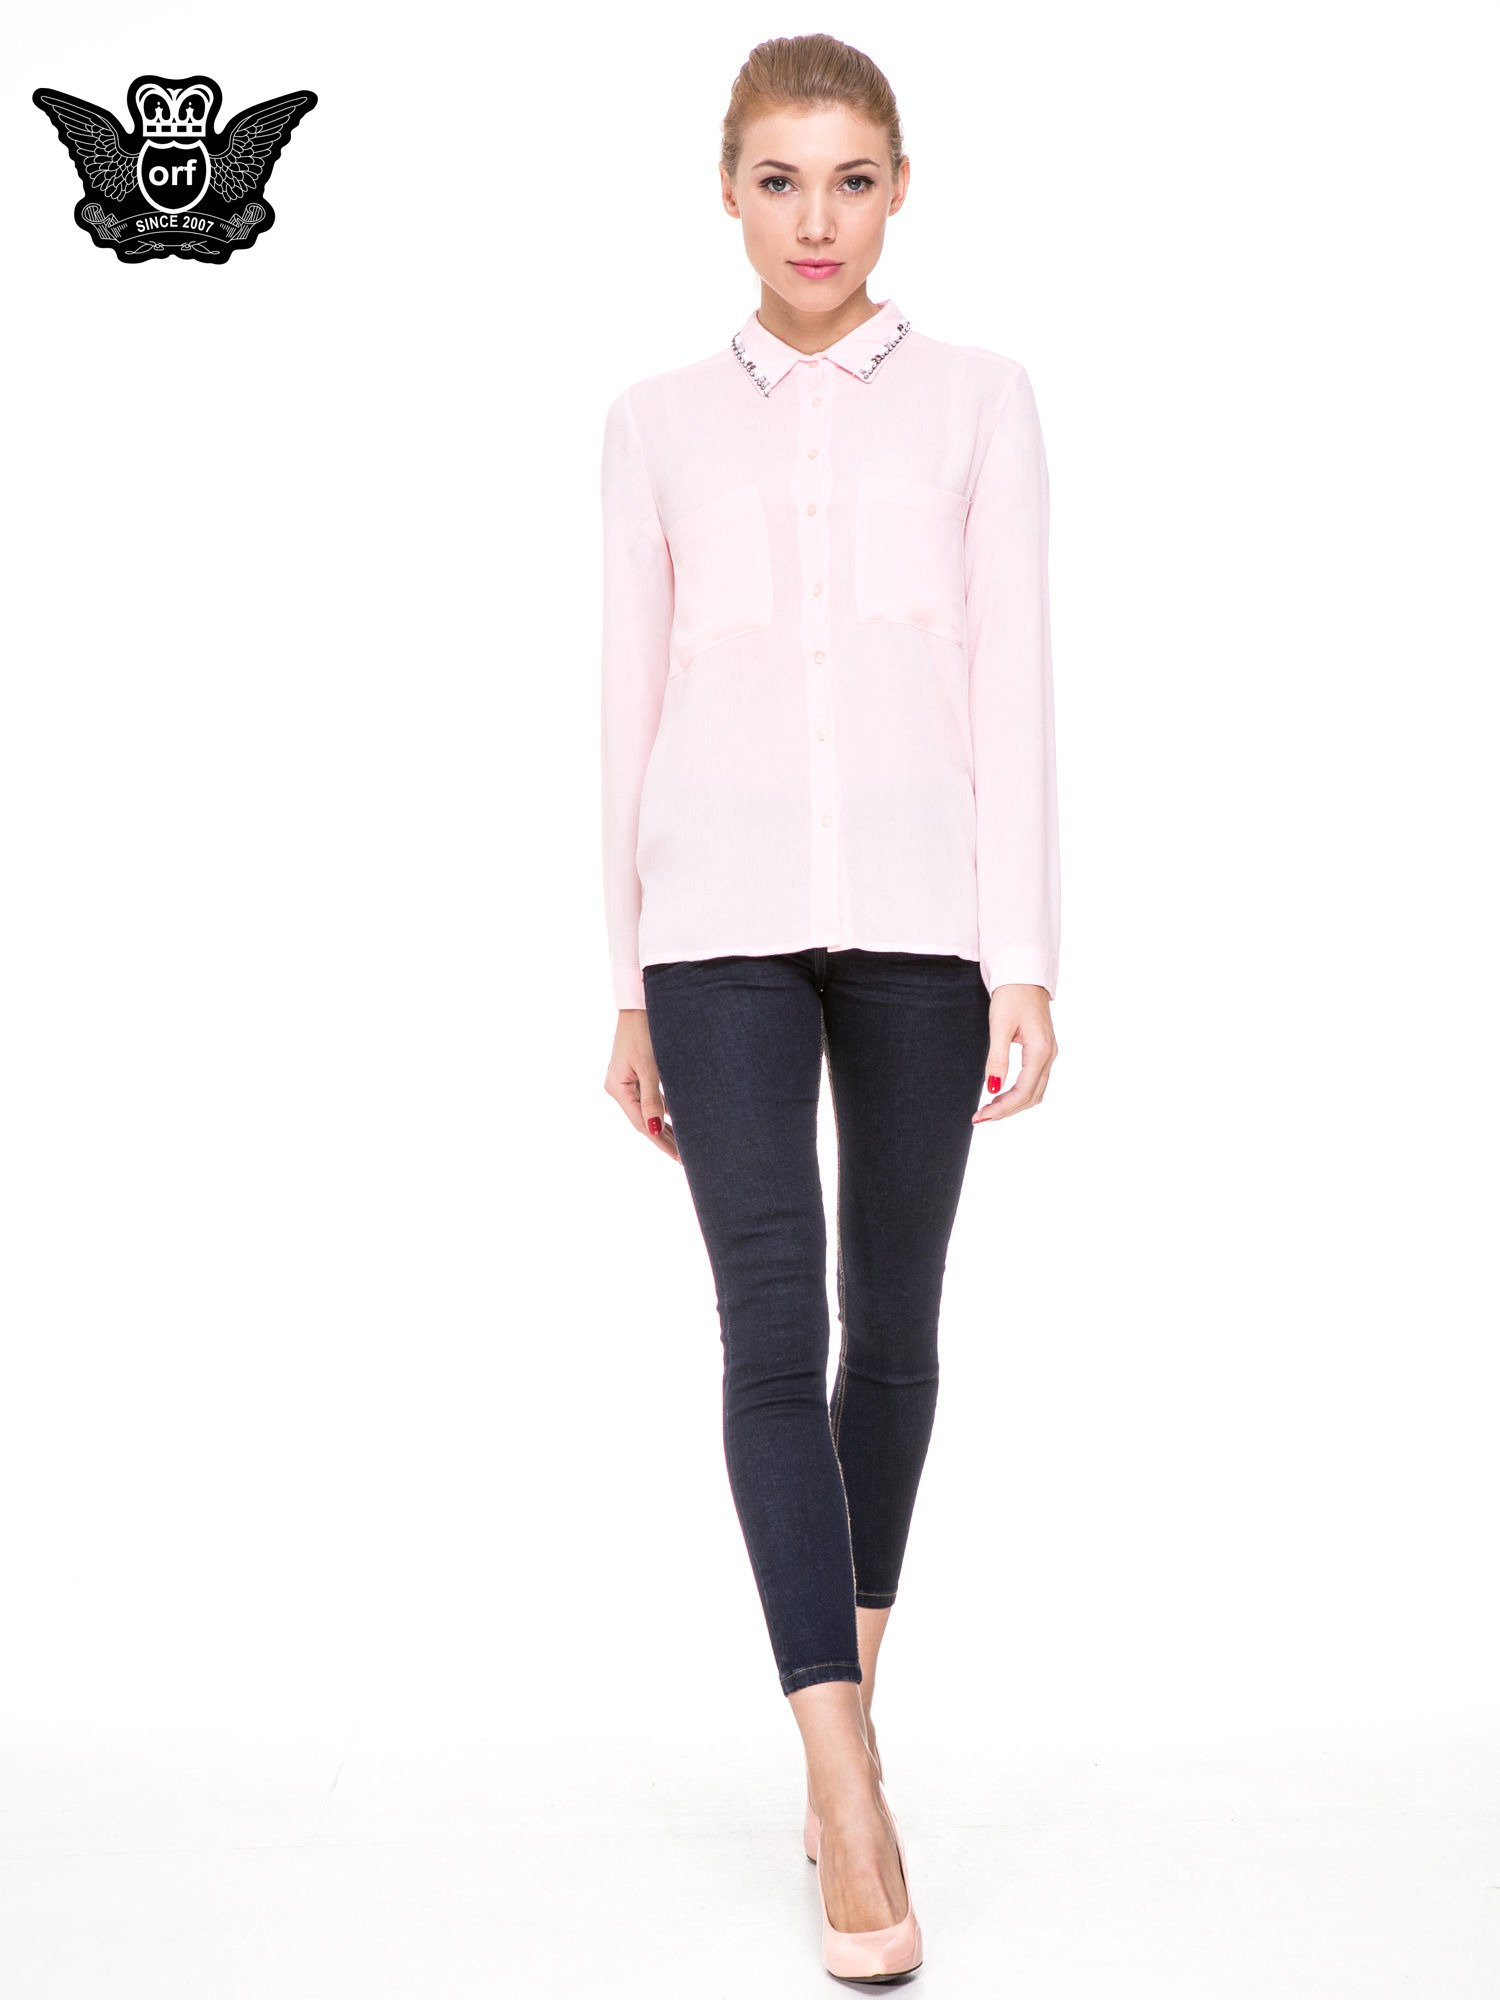 Różowa koszula z biżuteryjnym kołnierzykiem i kieszonkami                                  zdj.                                  2